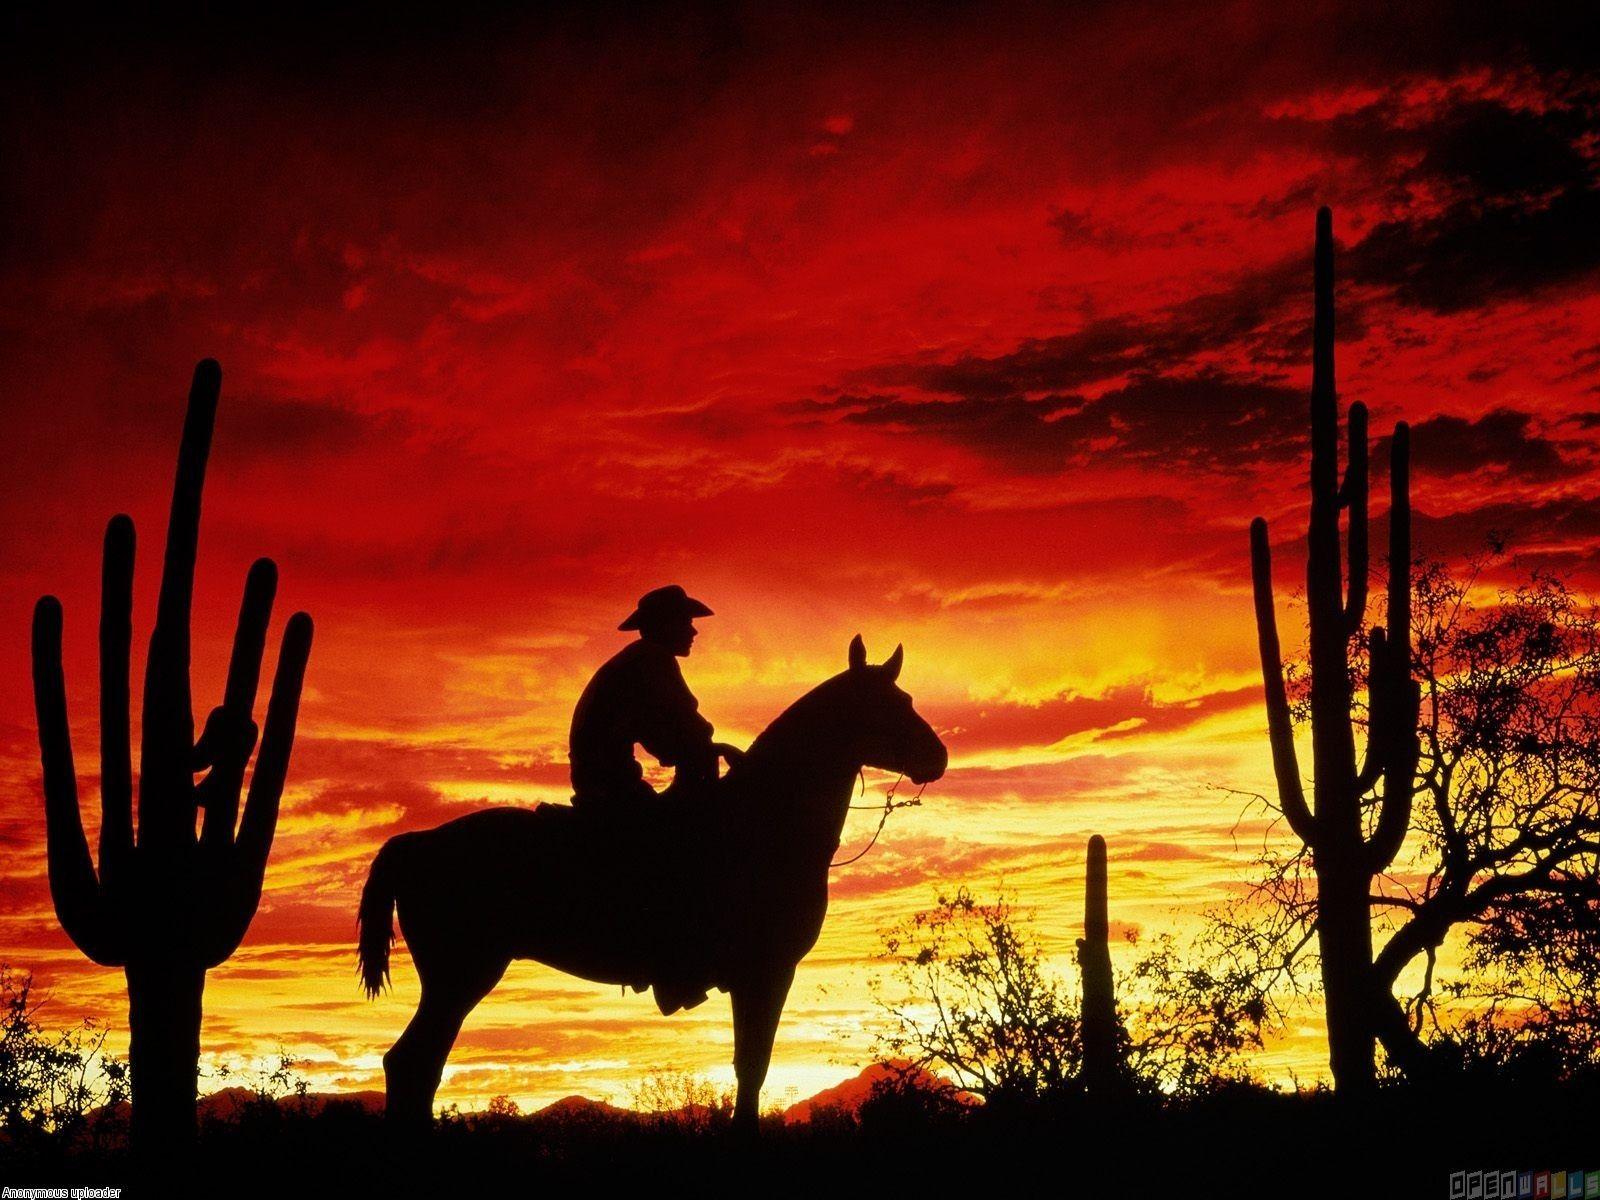 Top Wallpaper Horse Sunrise - 47df5e7799c77a5e69e4ddb15f546d9a  Perfect Image Reference_295434.jpg